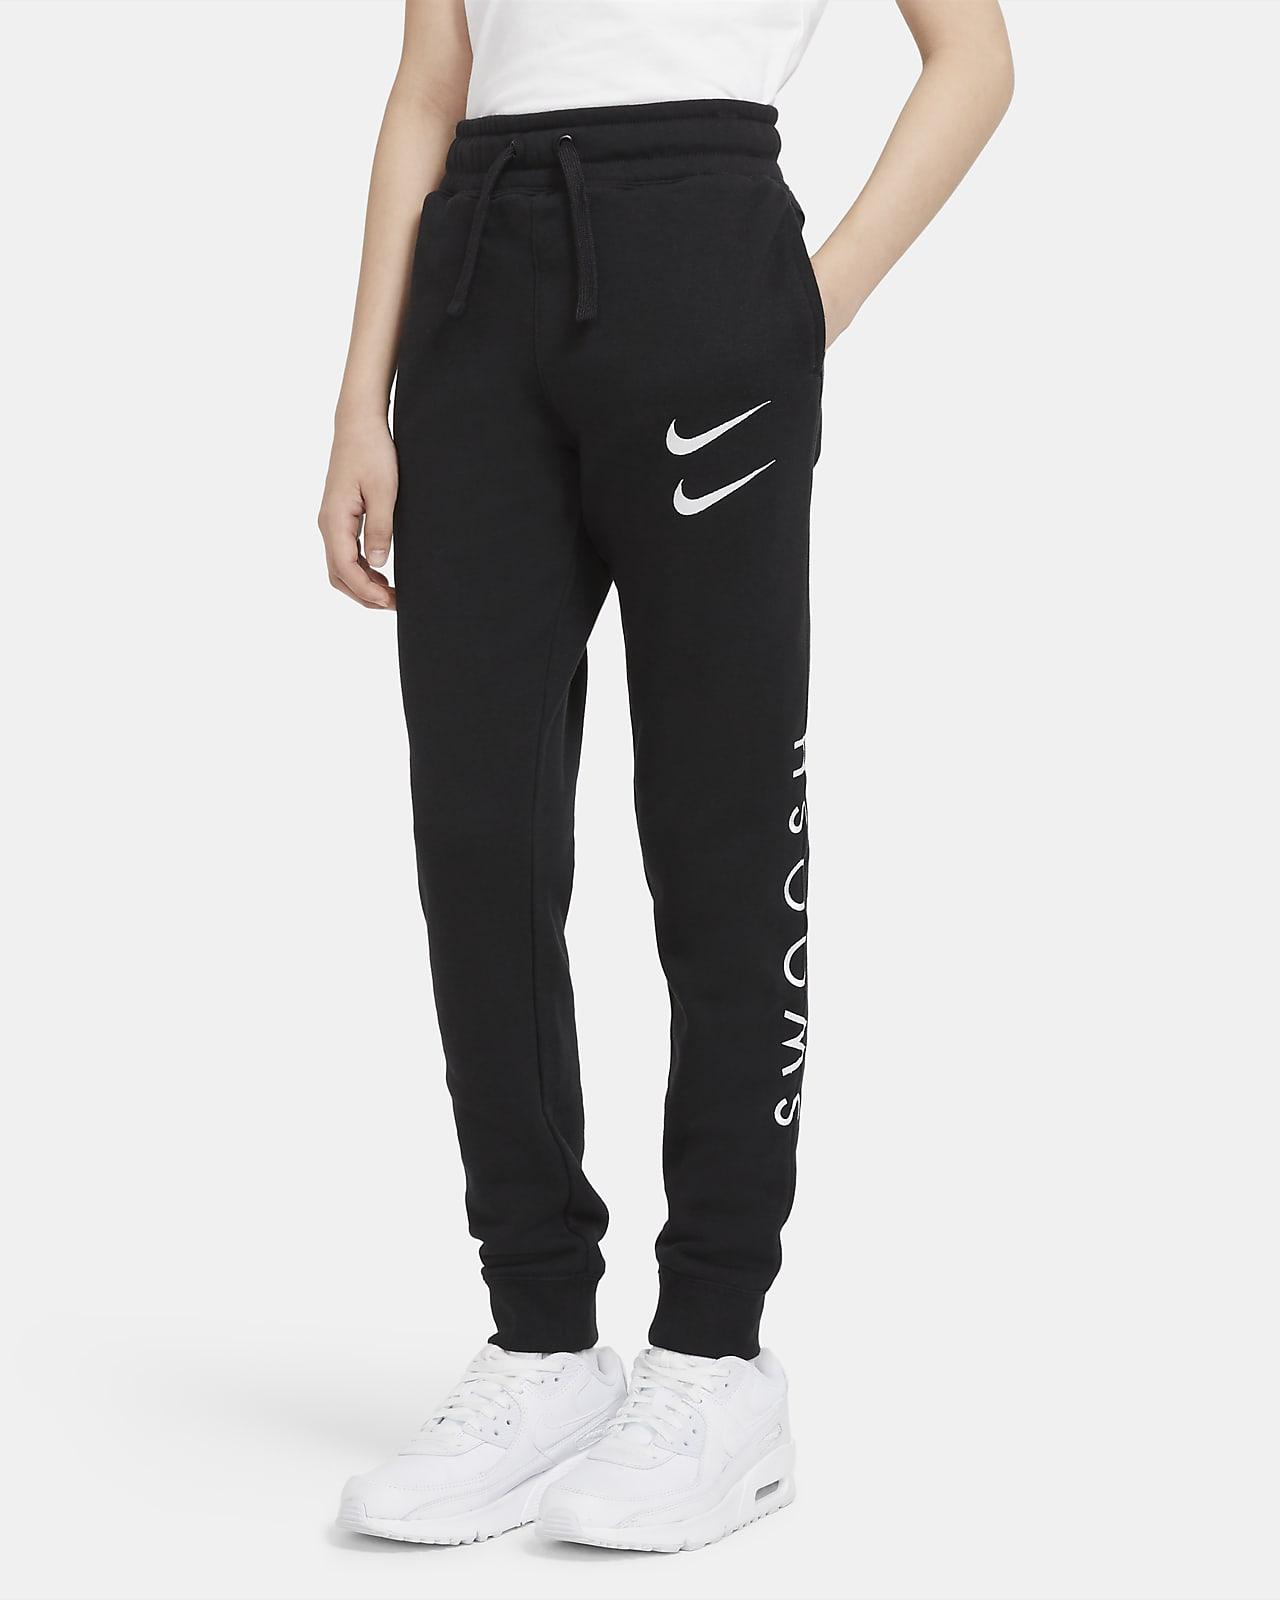 Nike Sportswear Swoosh Older Kids' (Boys') Trousers